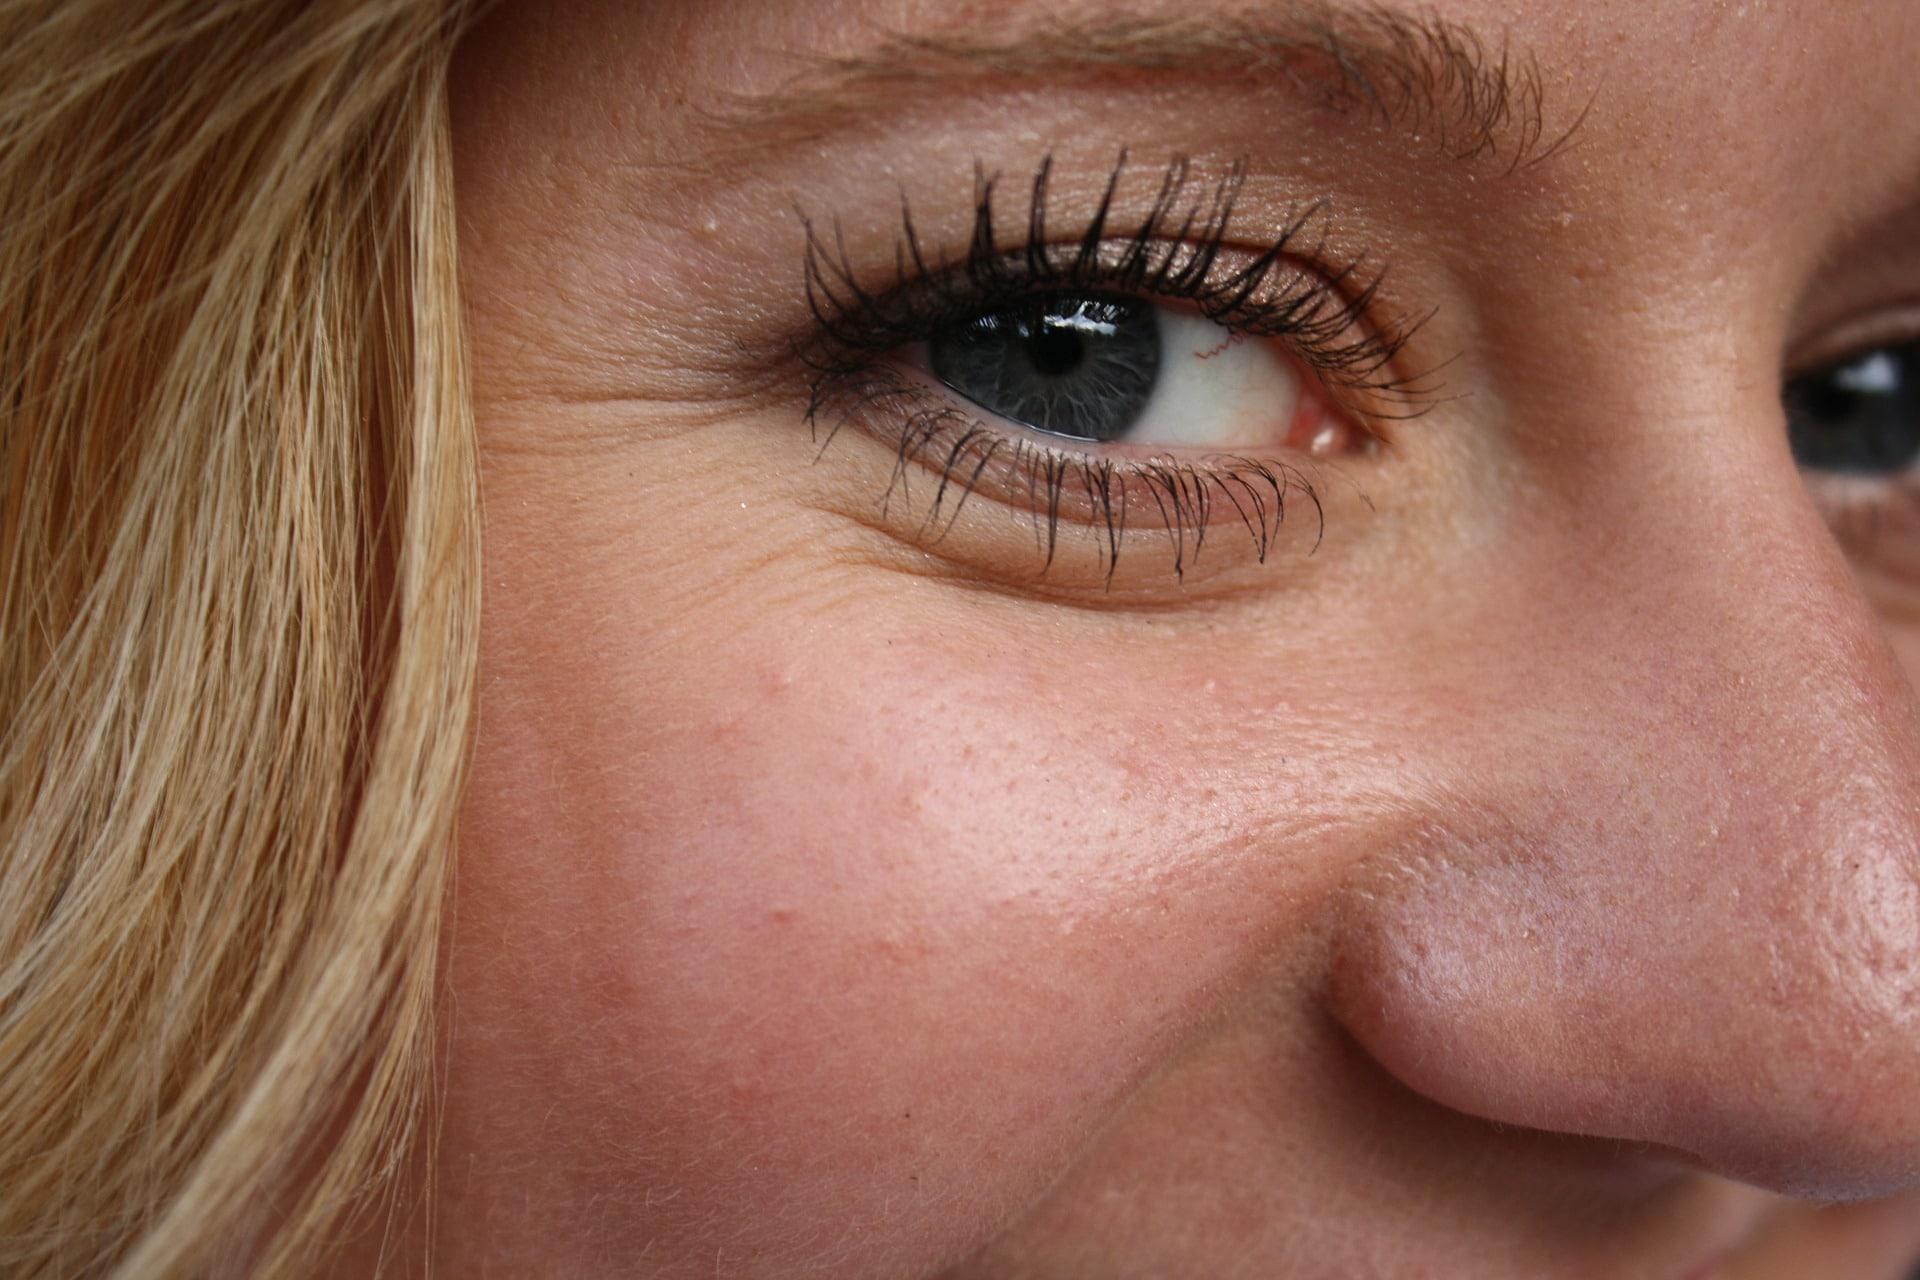 Возрастные изменения при старении: глаза, лицо, шея